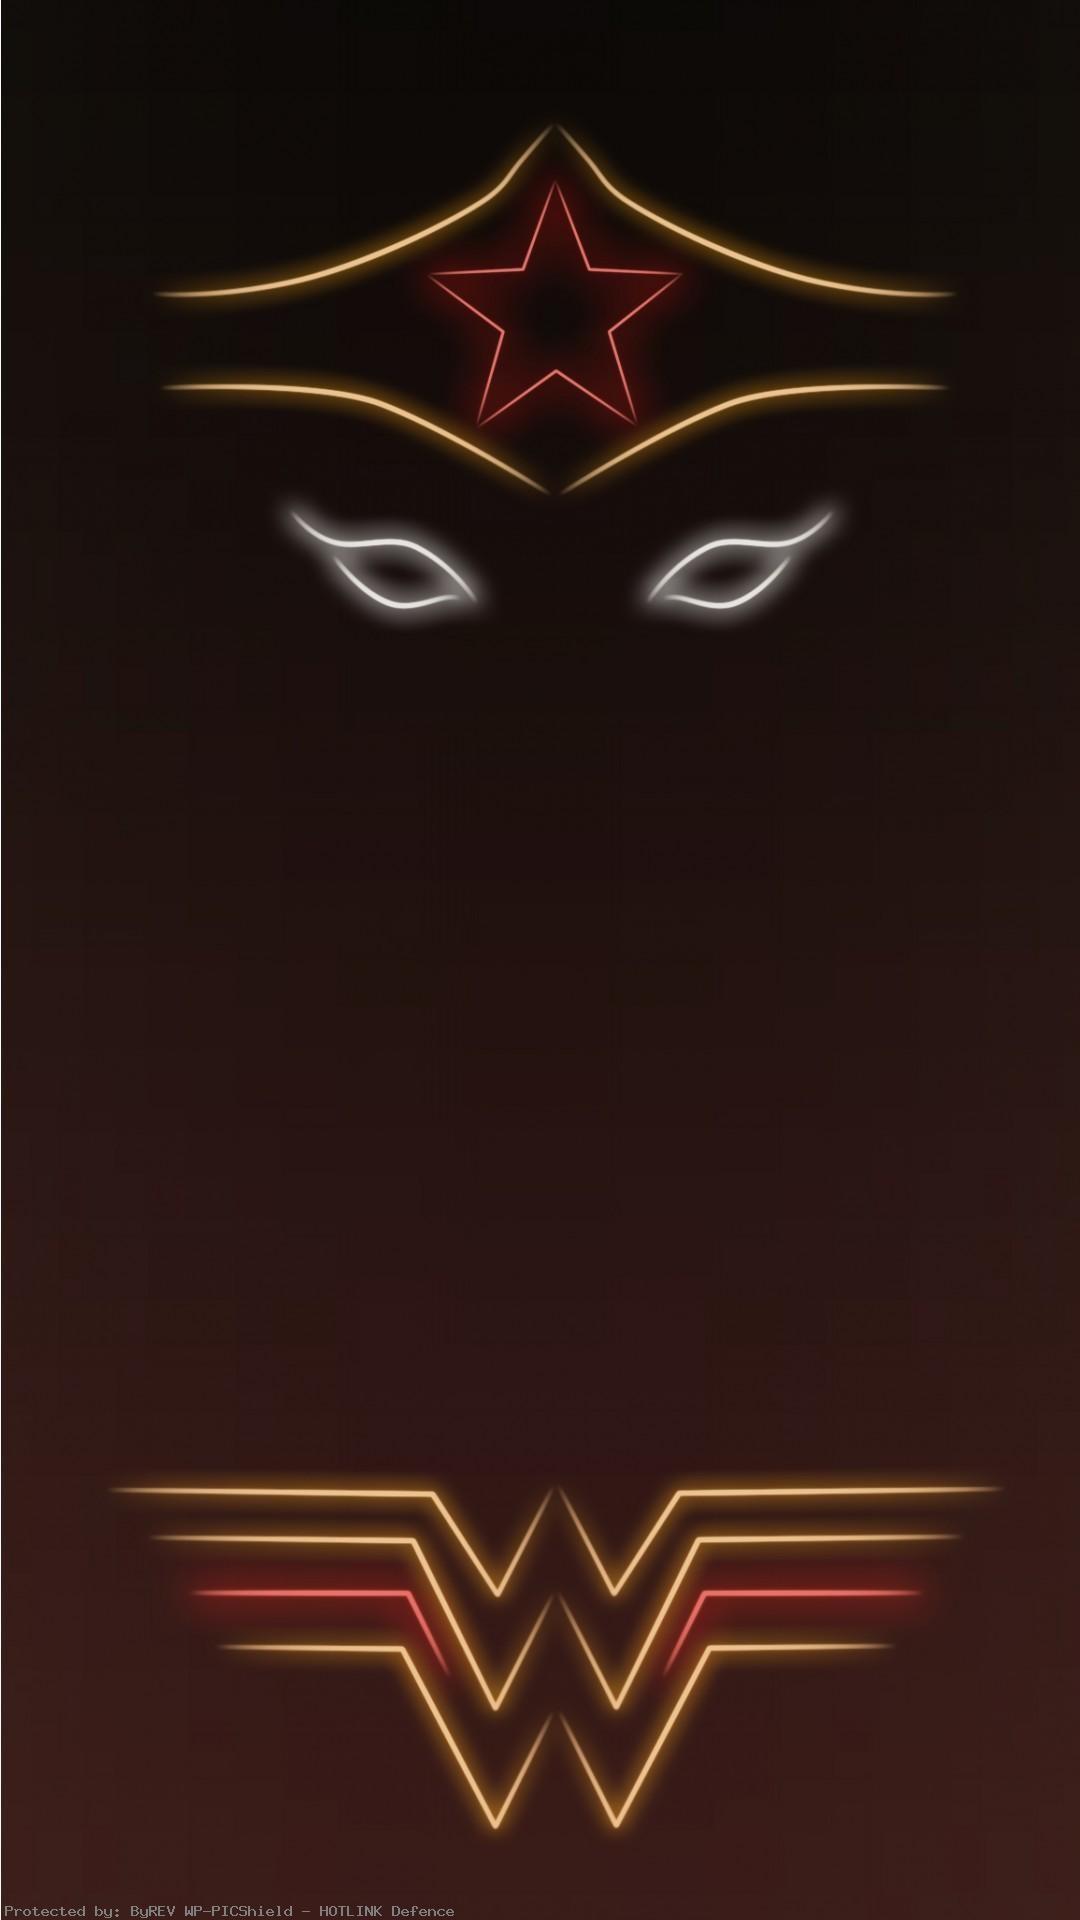 Wonder-woman-Tap-to-see-more-Superheroes-Glow-